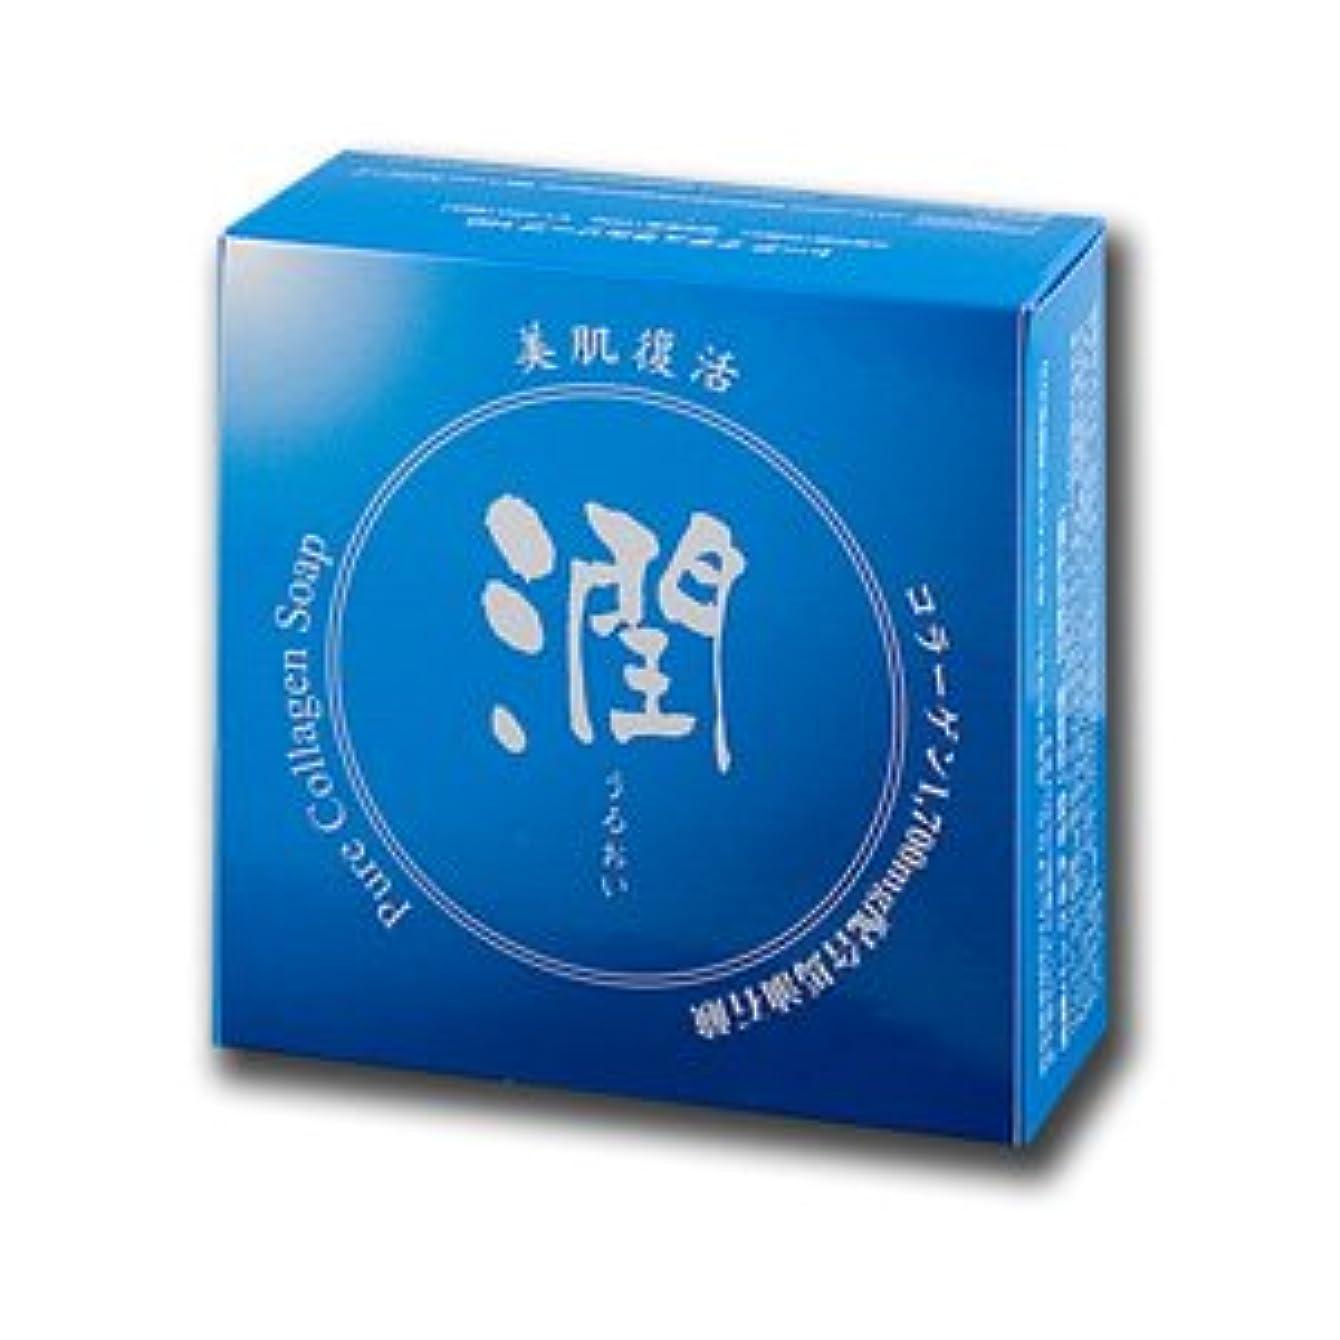 寝具人工的な夜明けコラーゲン馬油石鹸 潤 100g (#800410) ×8個セット